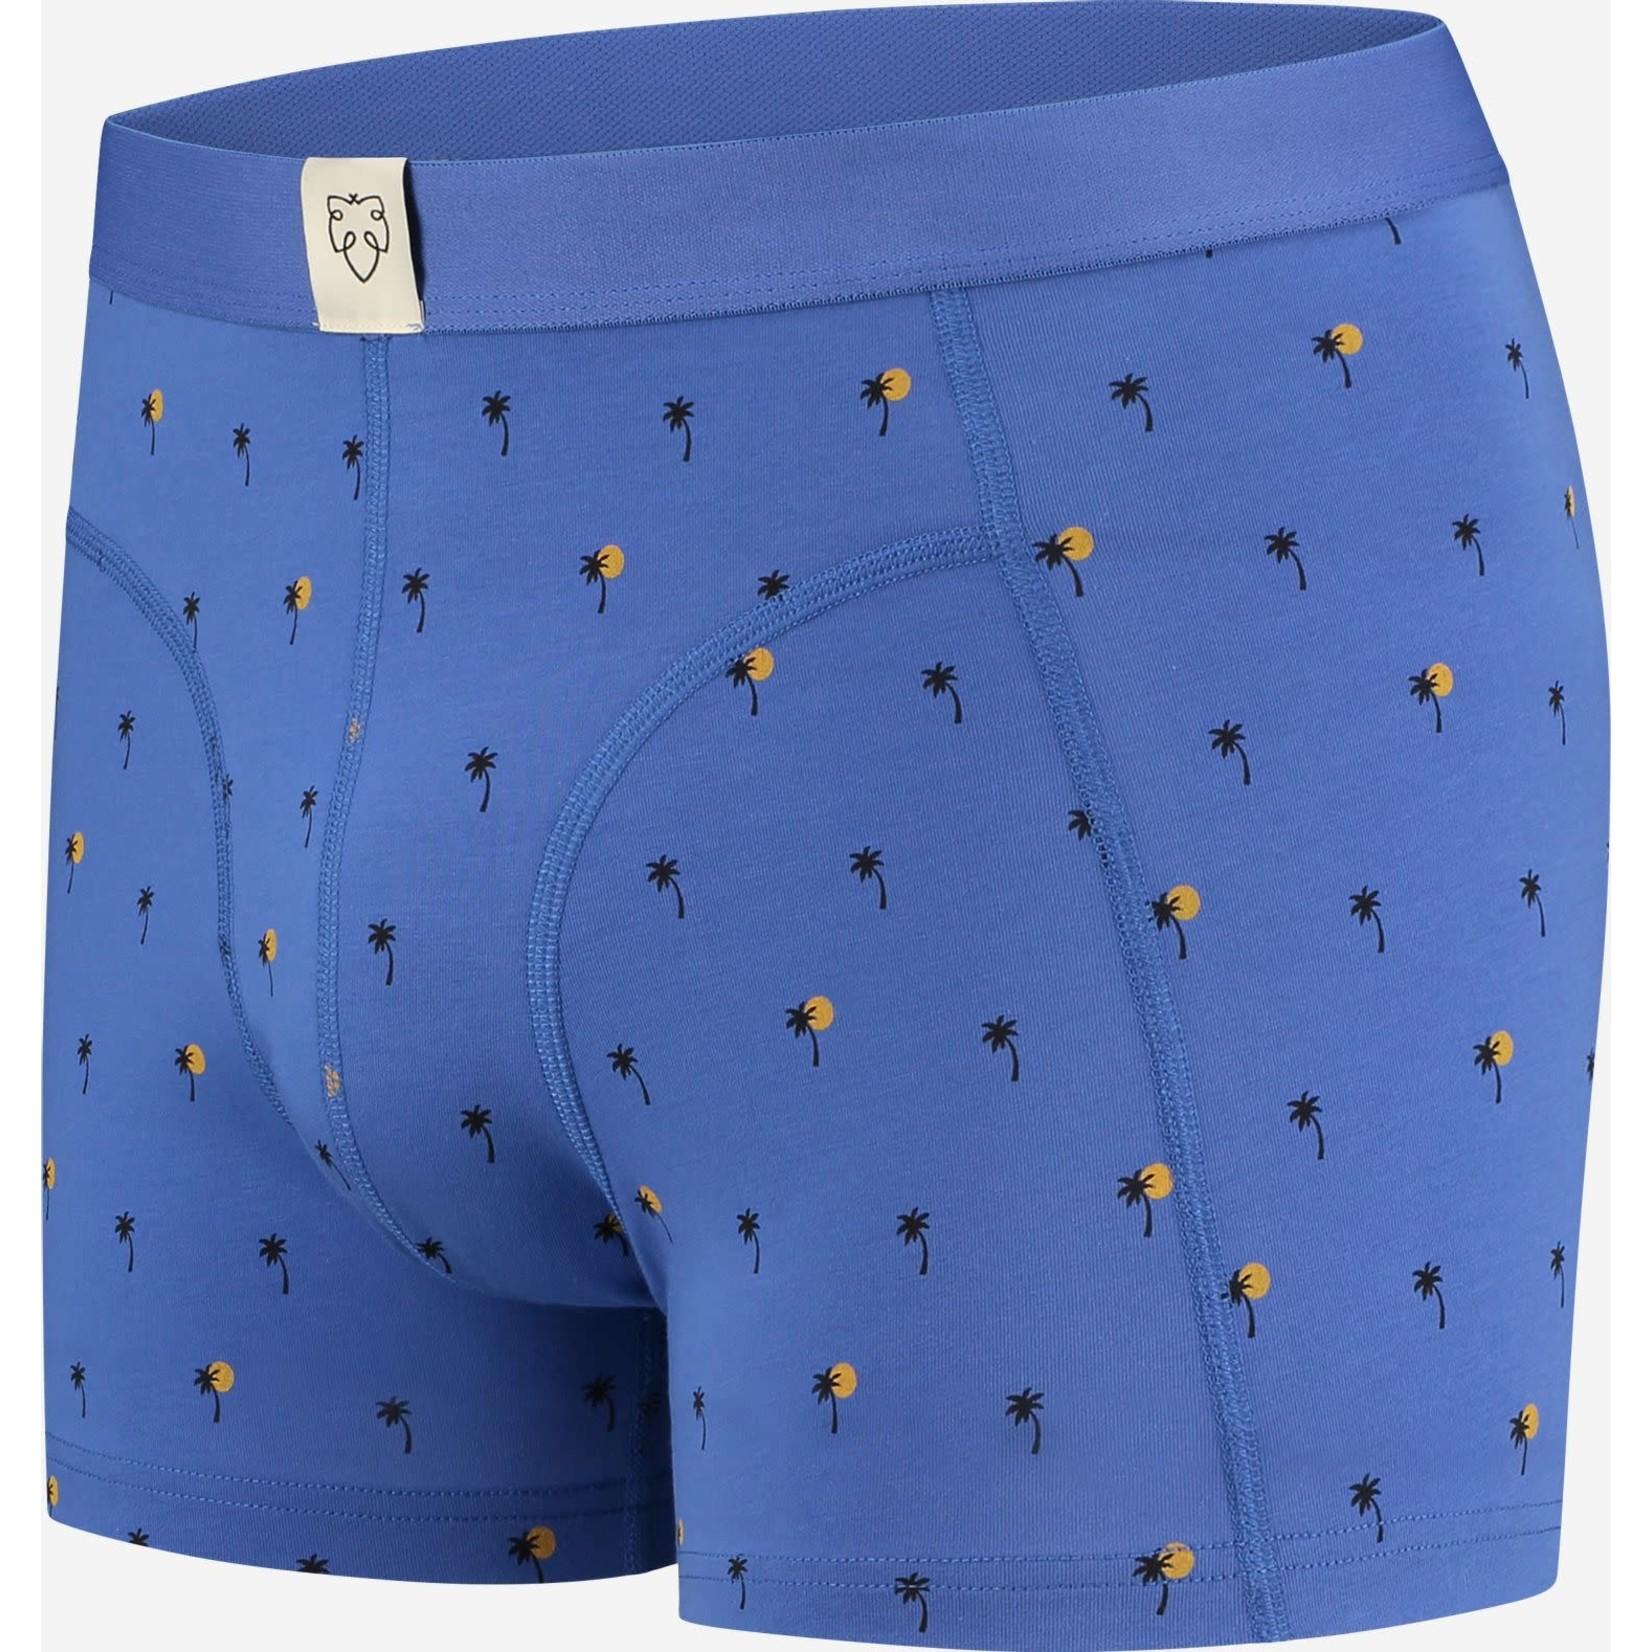 A-dam Underwear boxer Xavier